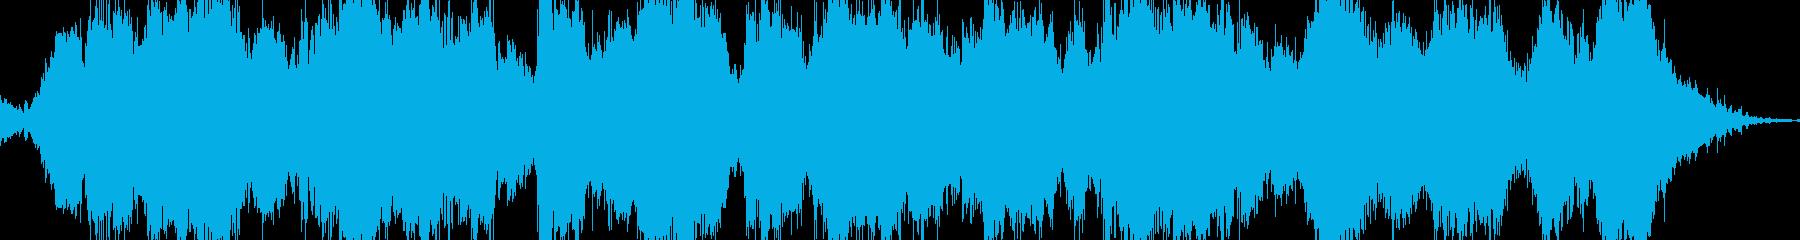 奇妙なサスペンス映画のようなBGMの再生済みの波形